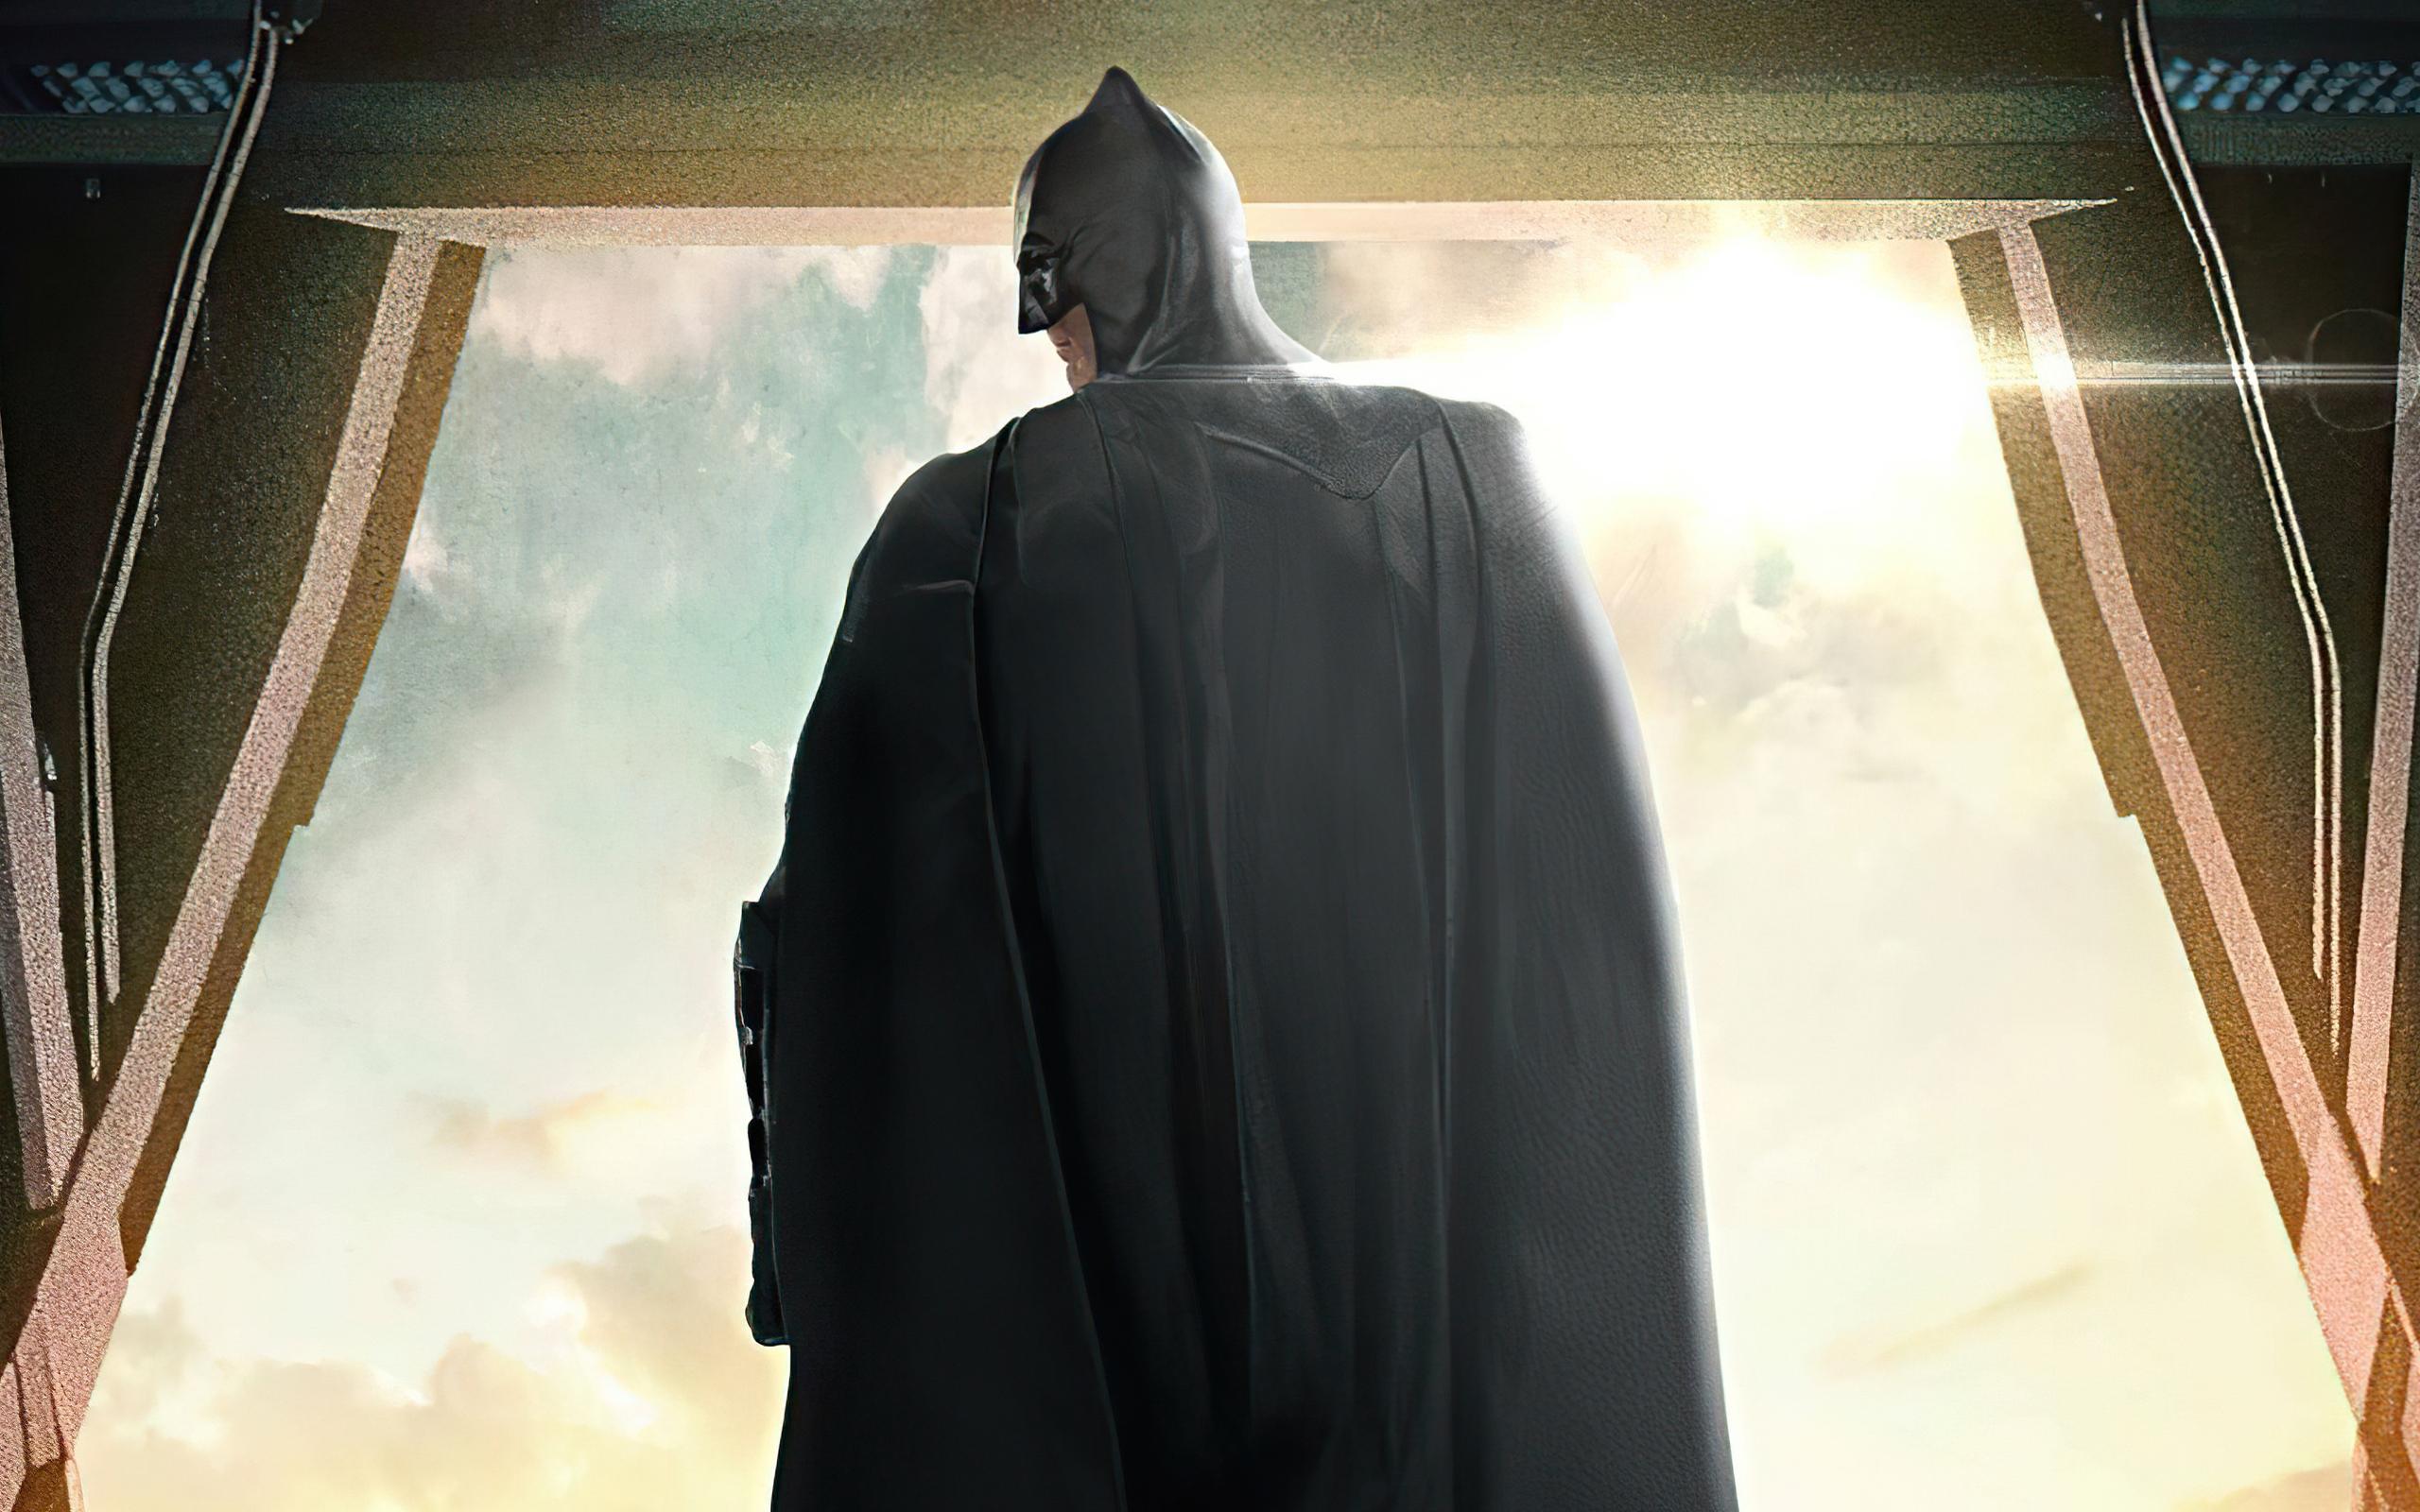 batman-look-outside-4k-15.jpg